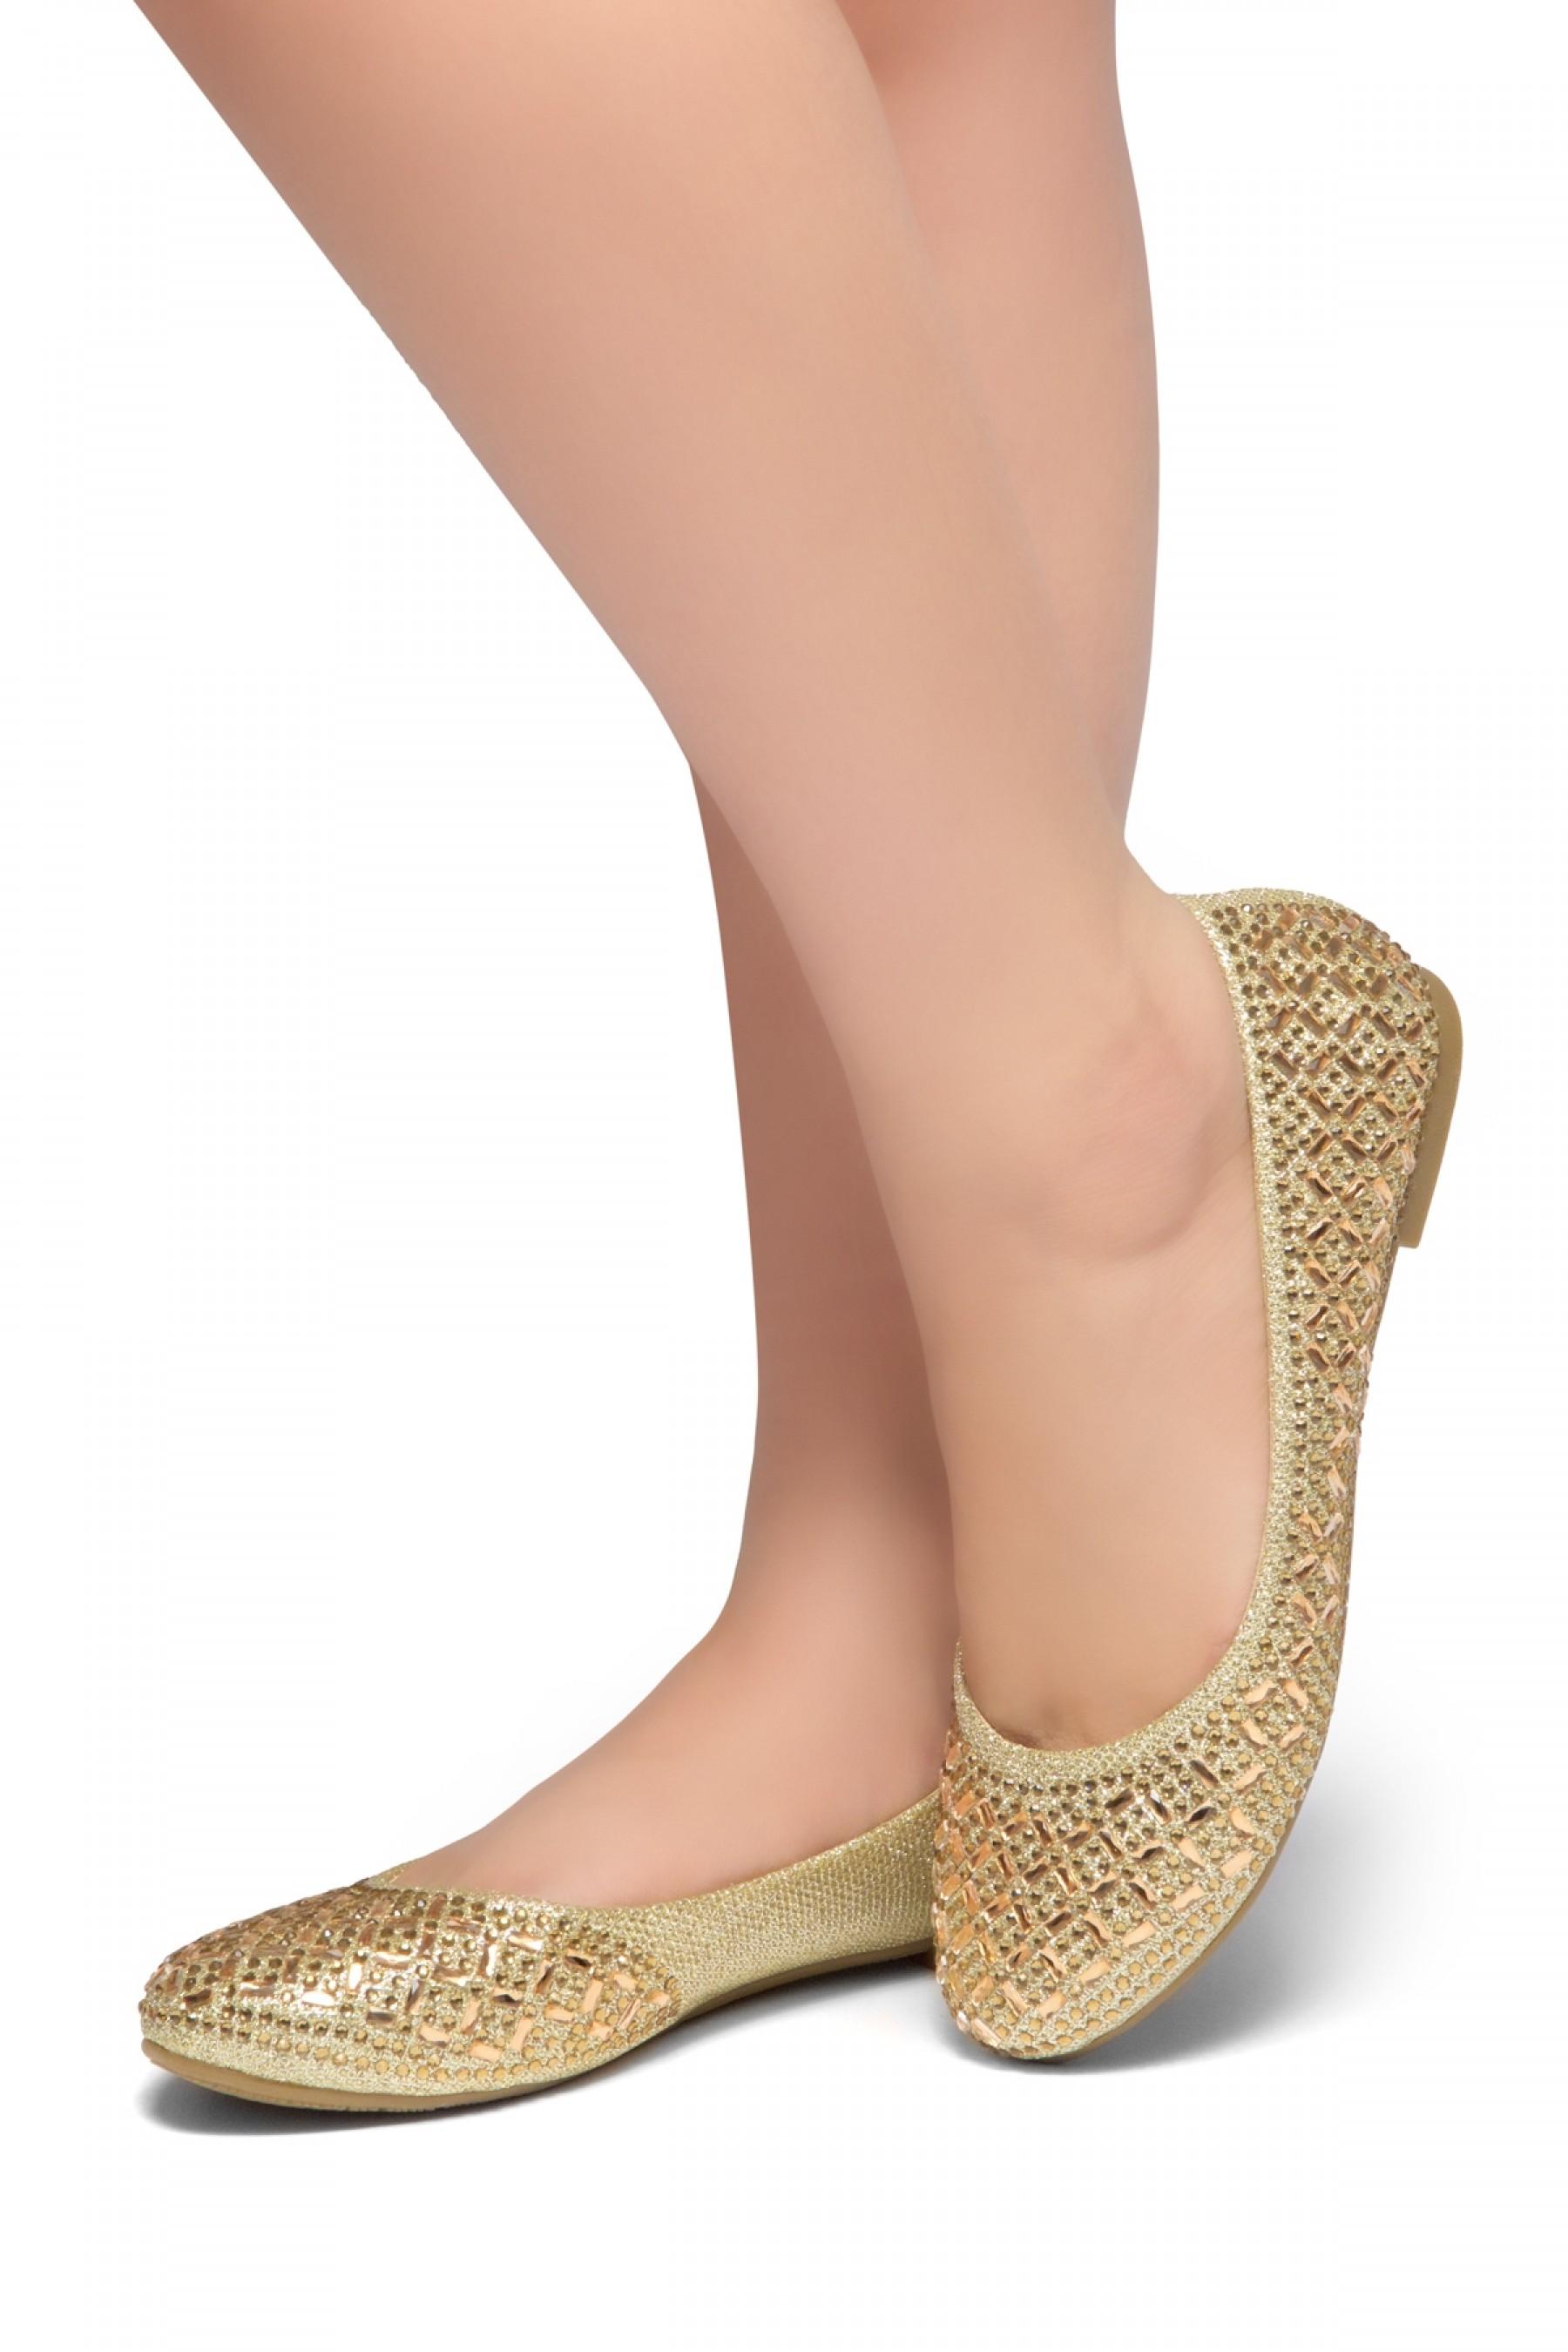 HerStyle Shine Bright-Round toe, jeweled embellishments (Gold)